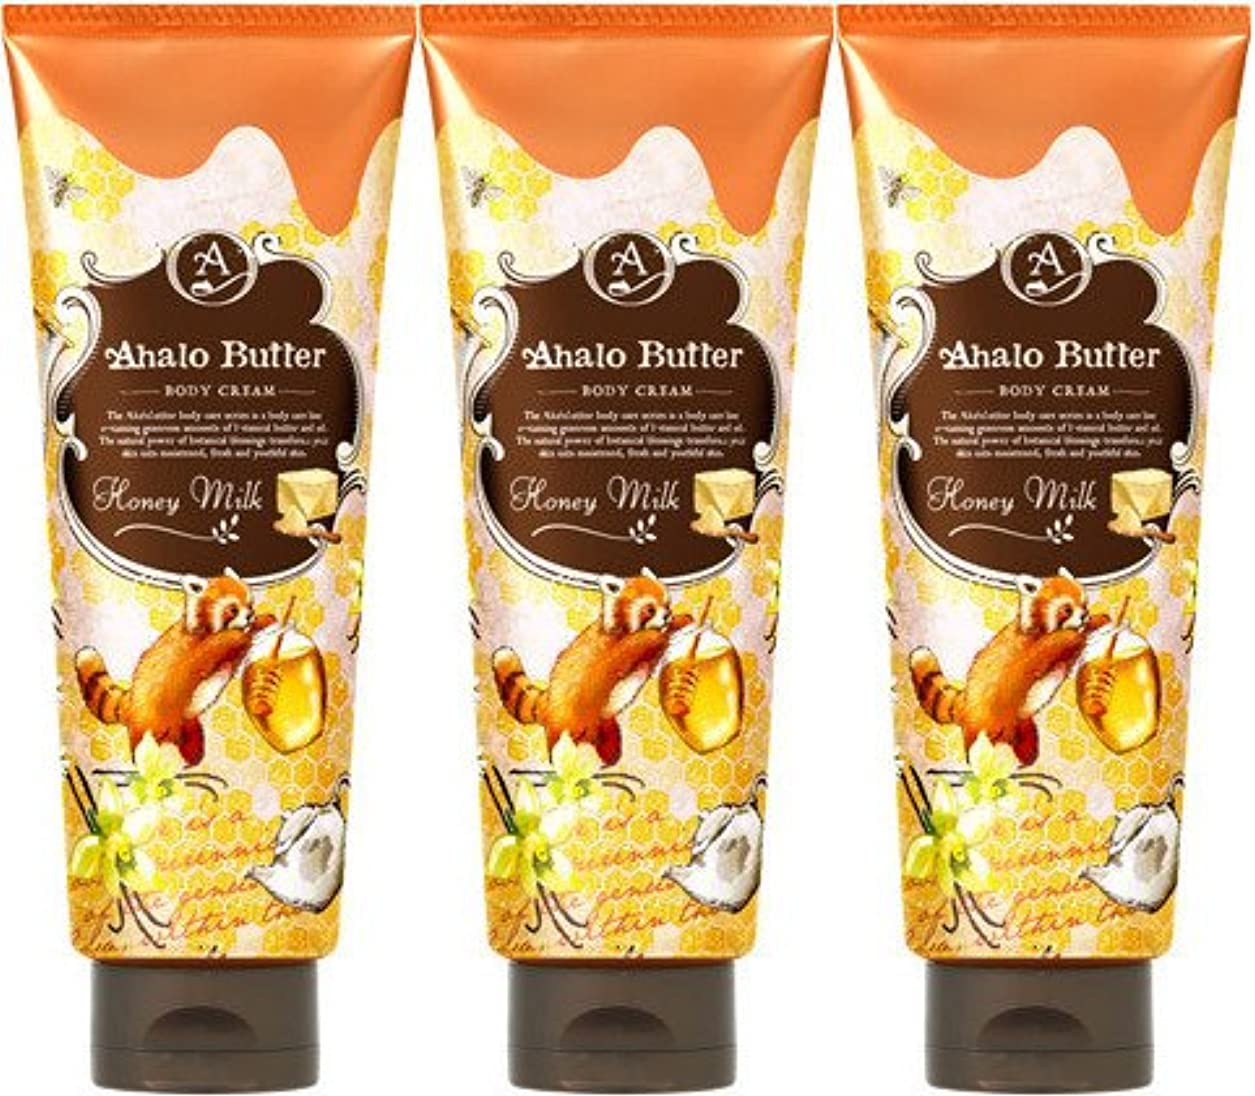 心臓おとなしい習字【3個セット】Ahalo butter(アハロバター) ボディクリーム ハニーミルク 150g